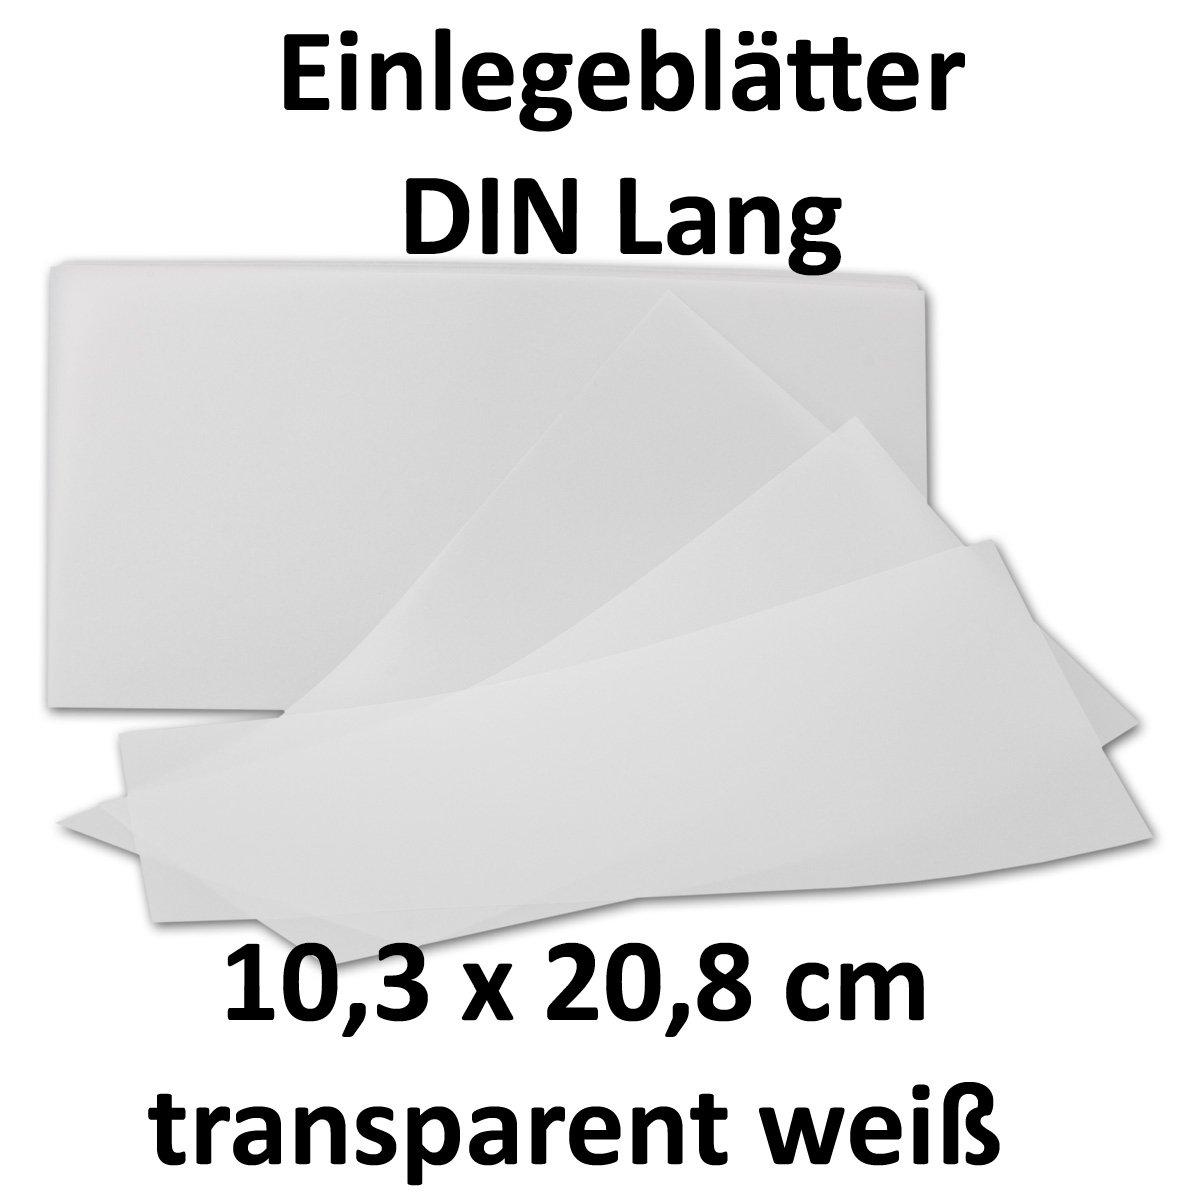 500x ungefalztes einfaches Einlege-Papier für DIN Lang Lang Lang Karten   transparent-weiß   103 x 208 mm   ideal zum Bedrucken mit Tinte und Laser   hochwertig mattes Papier von GUSTAV NEUSER® B01APLRN26 | Preisreduktion  64b12e